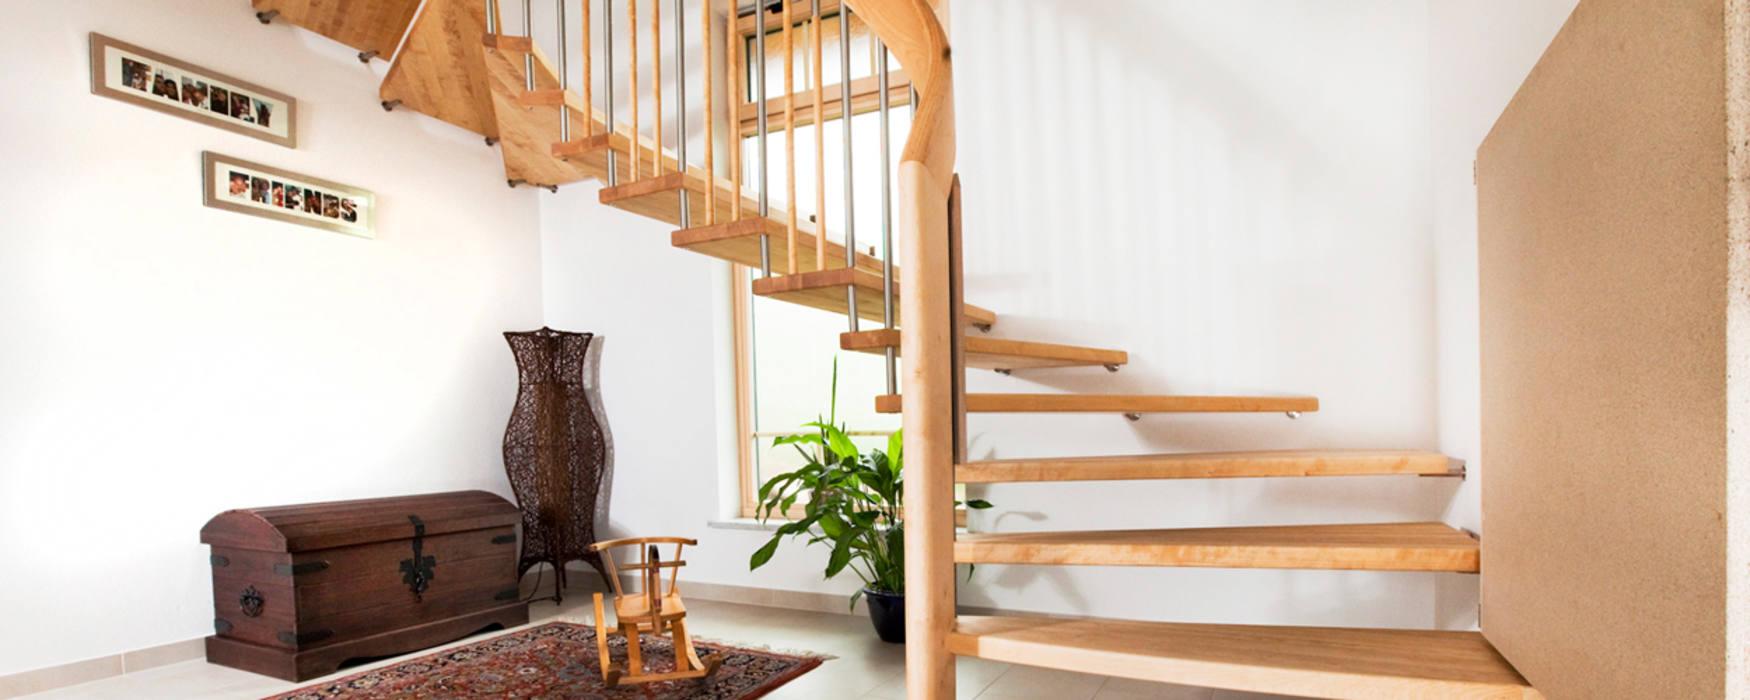 Foto Von Handlauftragende Treppe